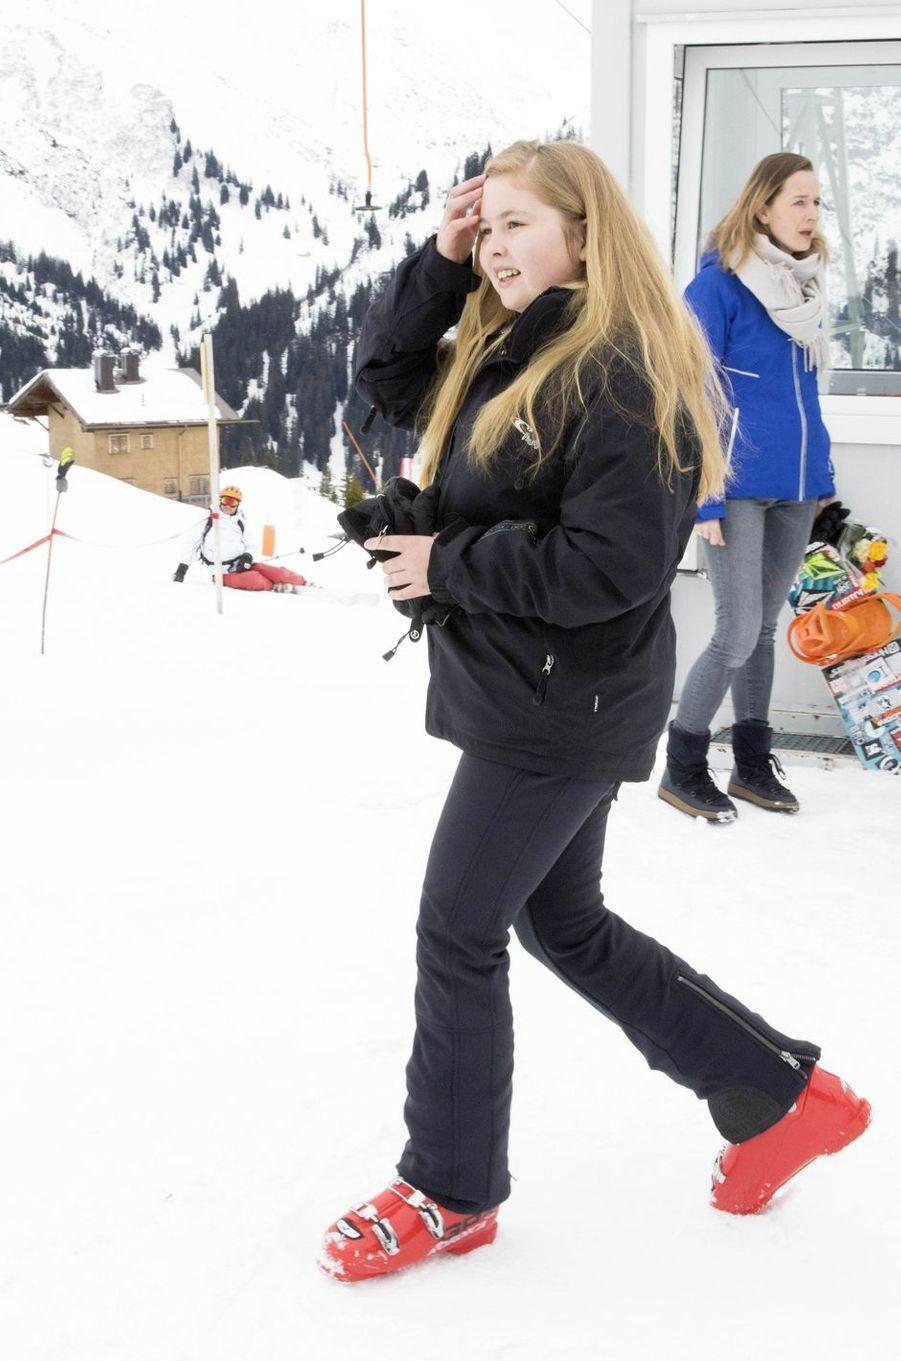 La princesse Catharina-Amalia des Pays-Bas à Lech, le 27 février 2017